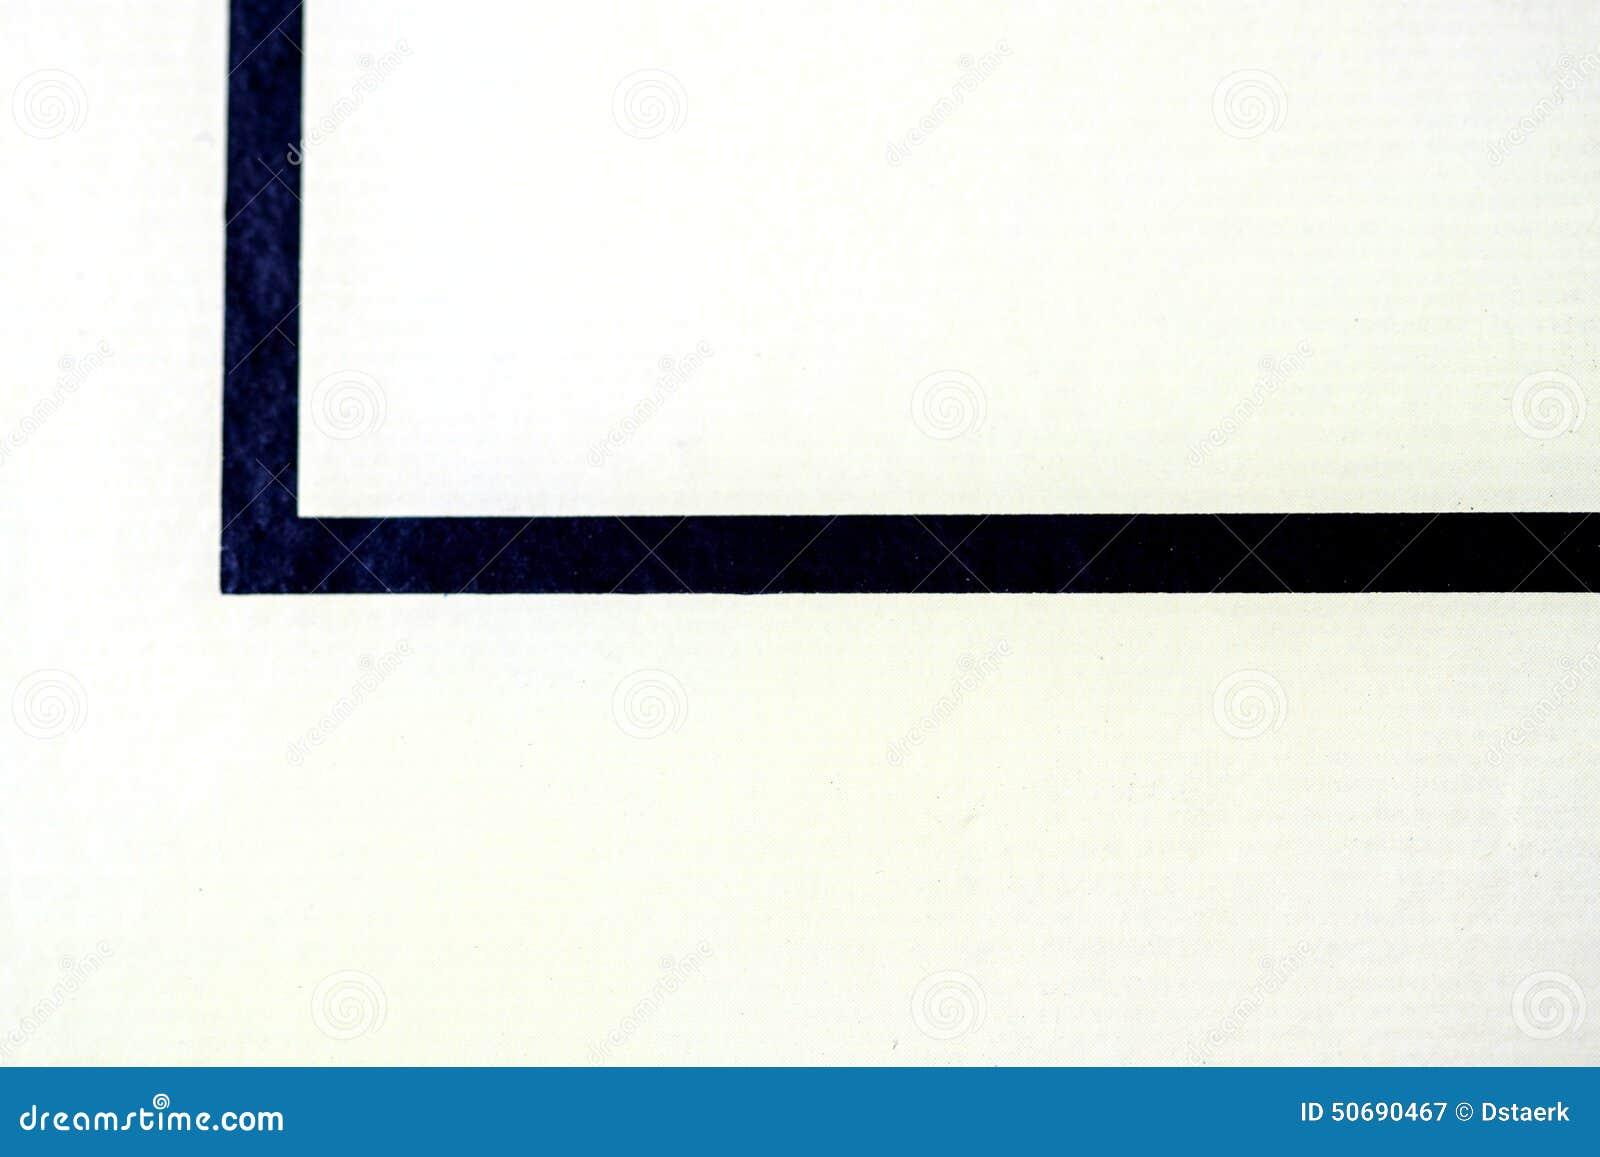 Download 背景 库存图片. 图片 包括有 纹理, 会议室, 靠山, 例证, 空白, 无缝, 楼层, 网格, 检查, 形状 - 50690467